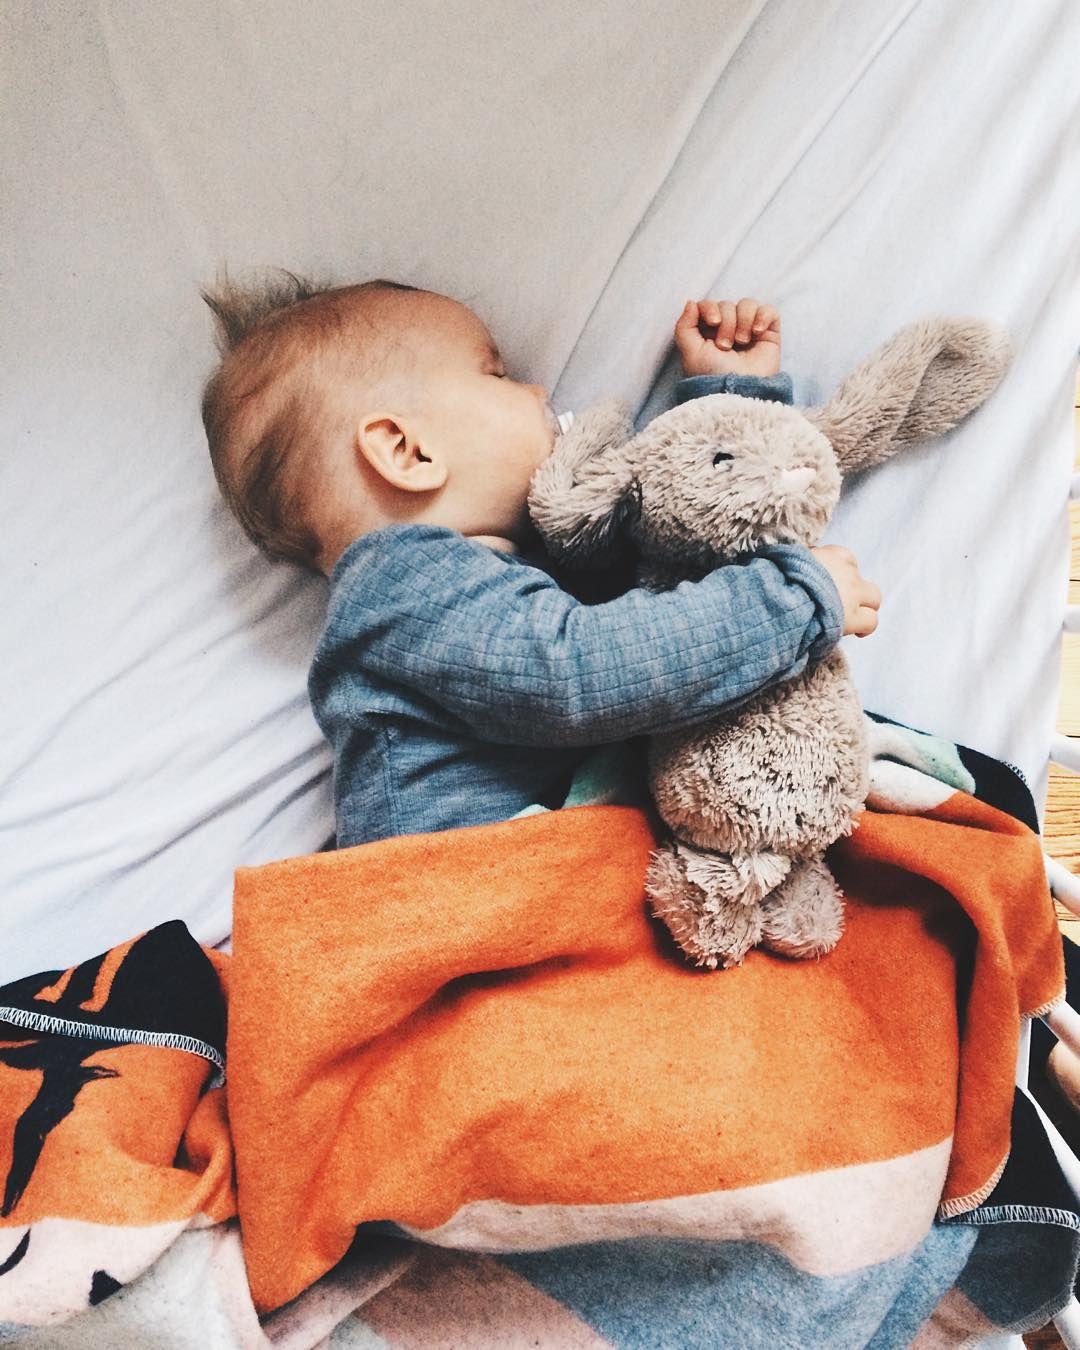 милые картинки с детьми спящими удовлетворения